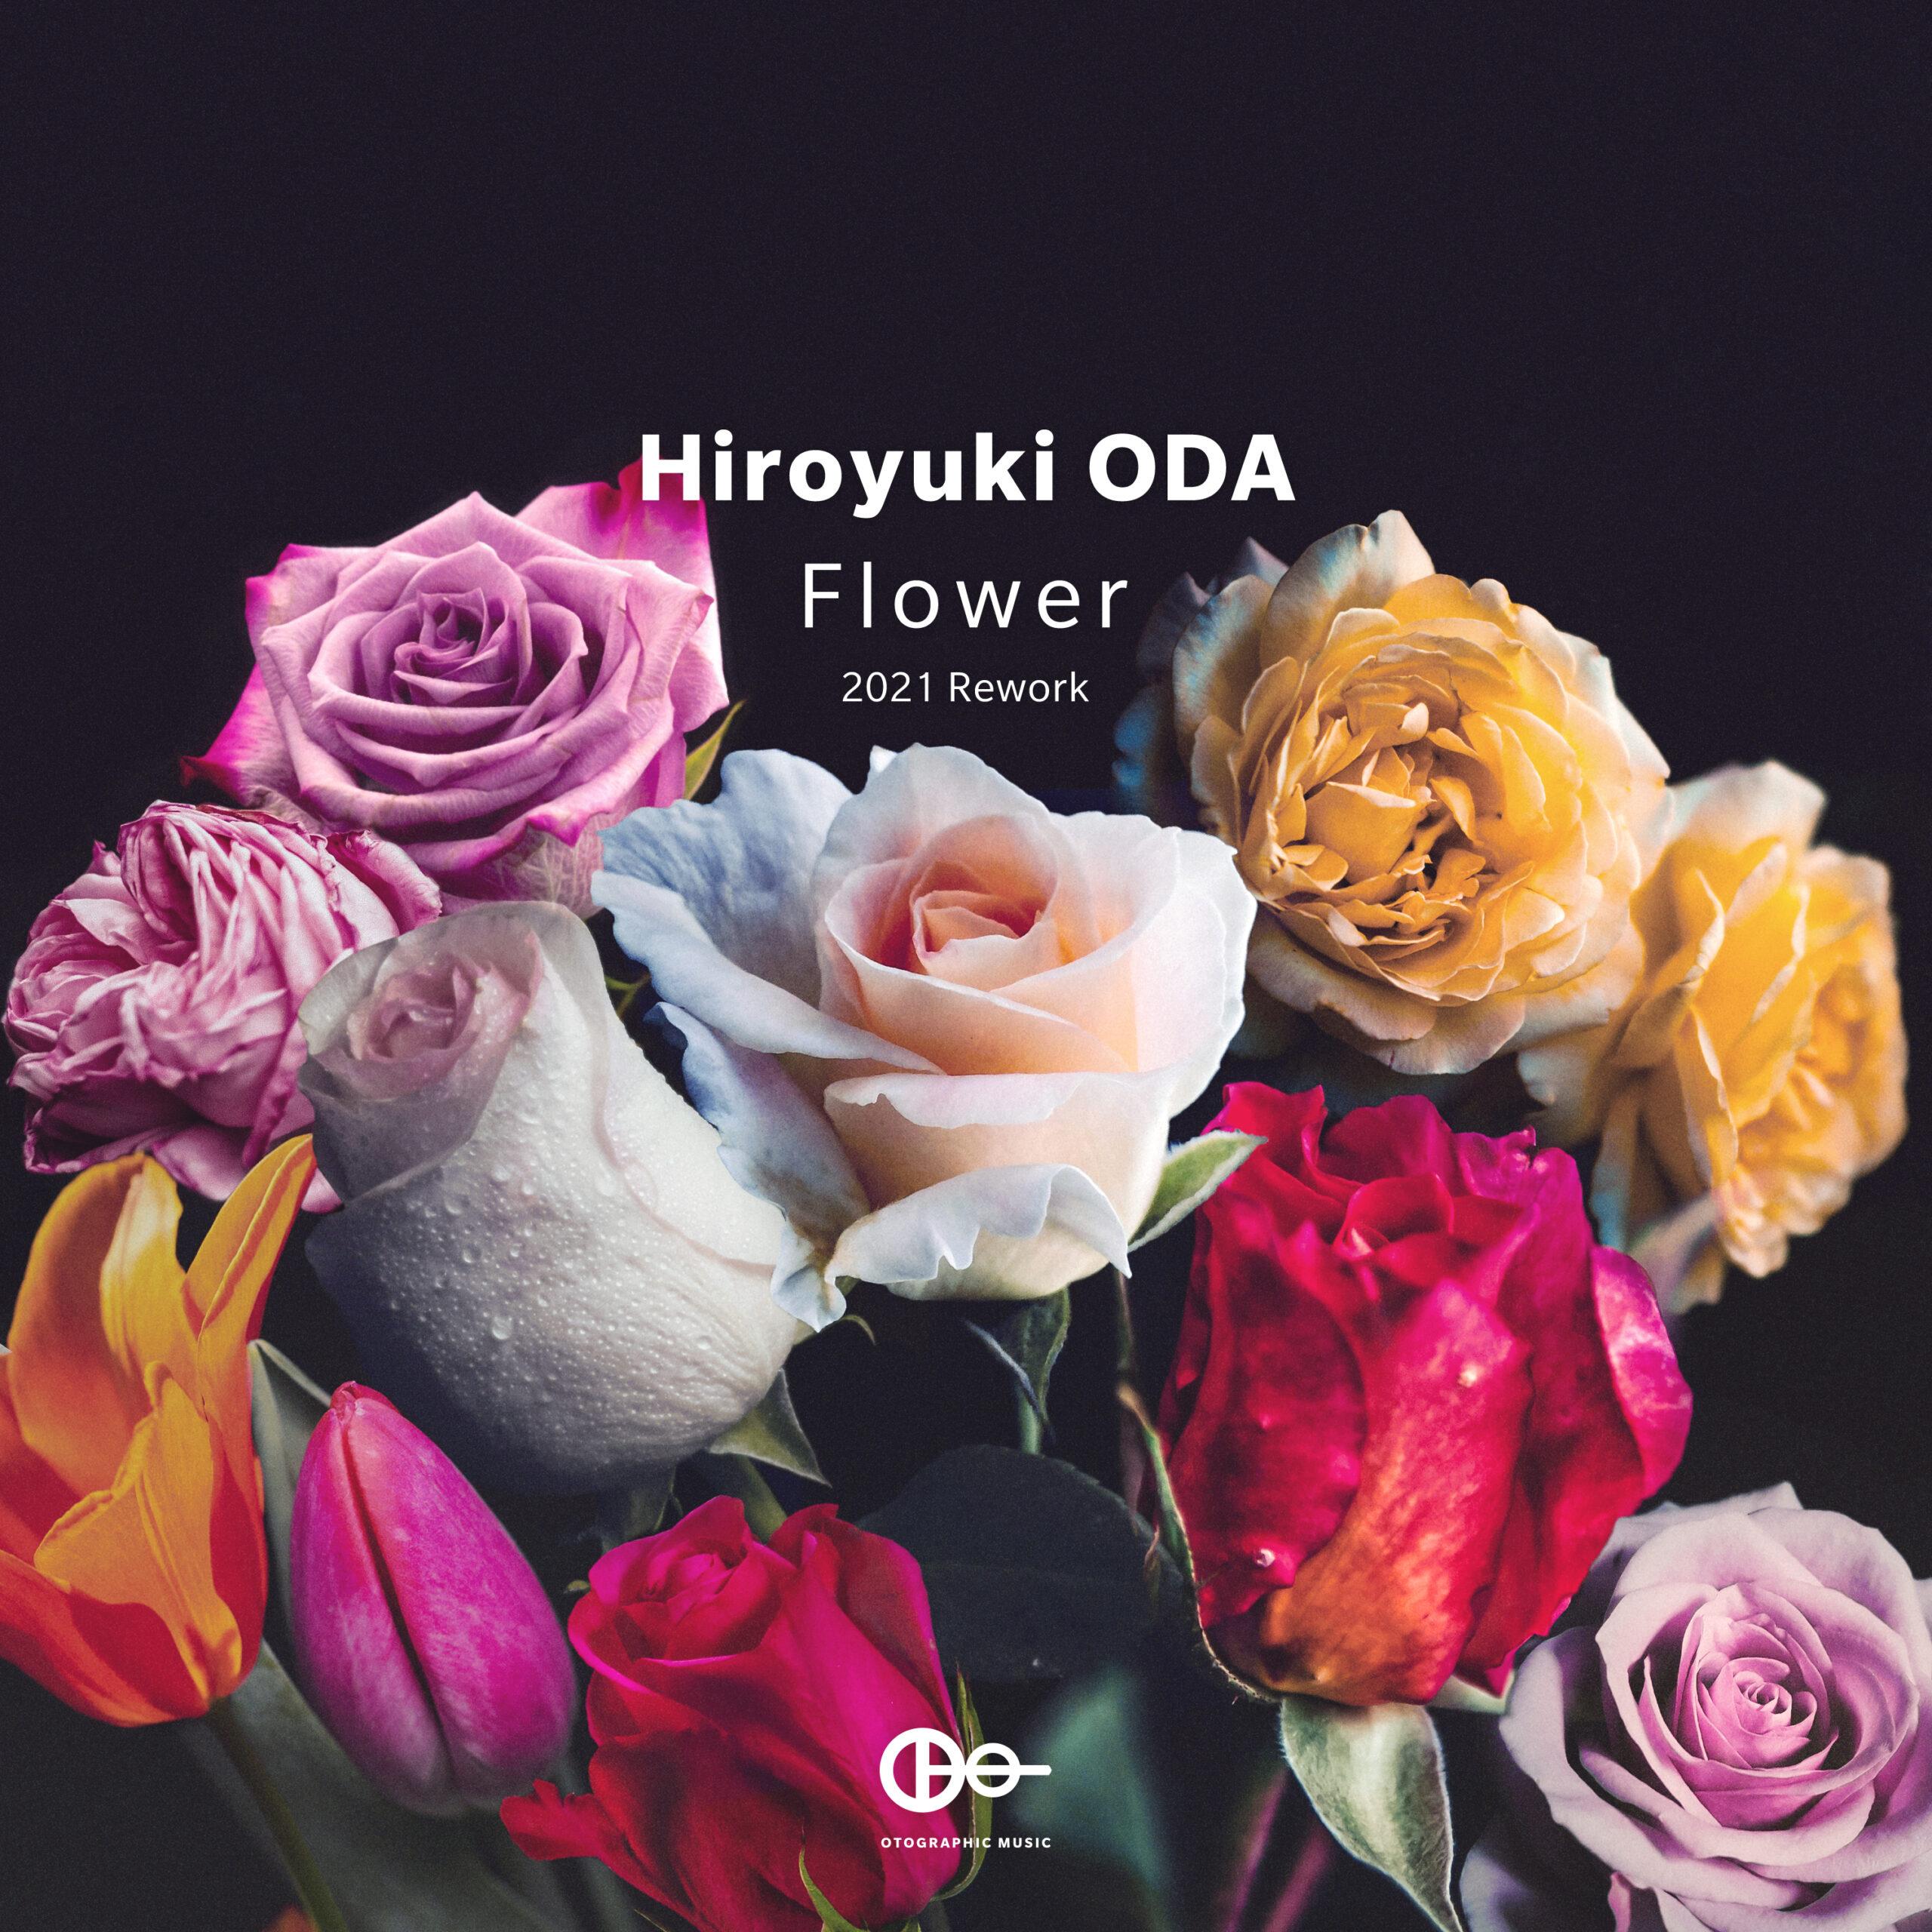 """Hiroyuki ODA """"Flower"""" (2021 Rework)"""